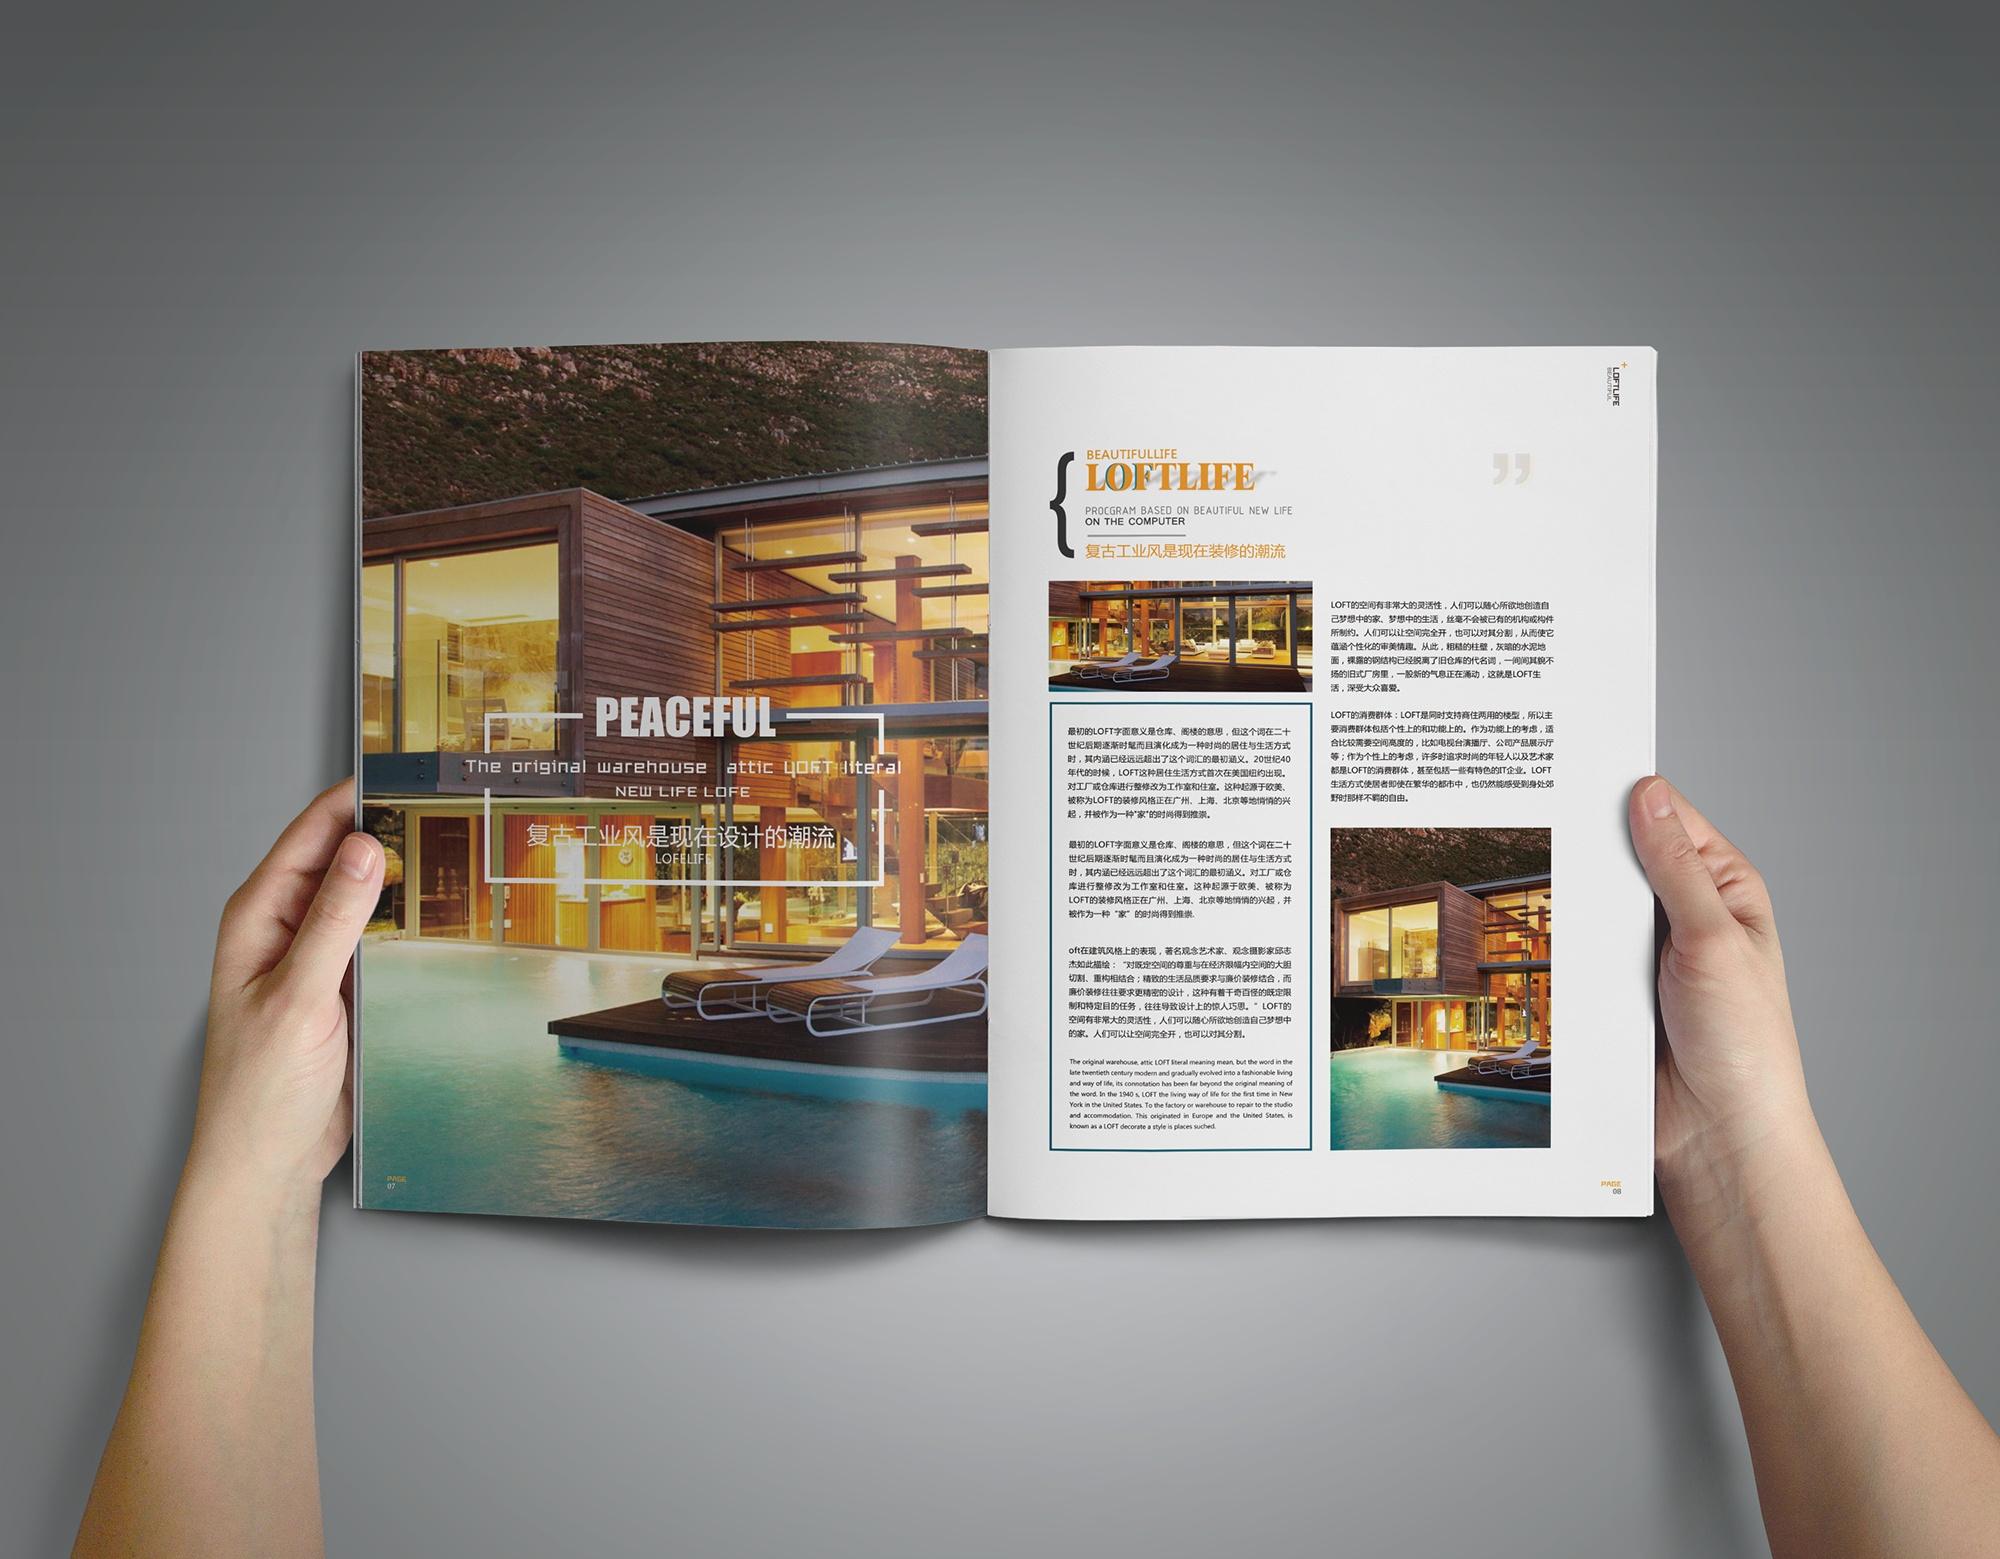 杂志/书籍排版设计|平面|书装/画册|alongangel图片